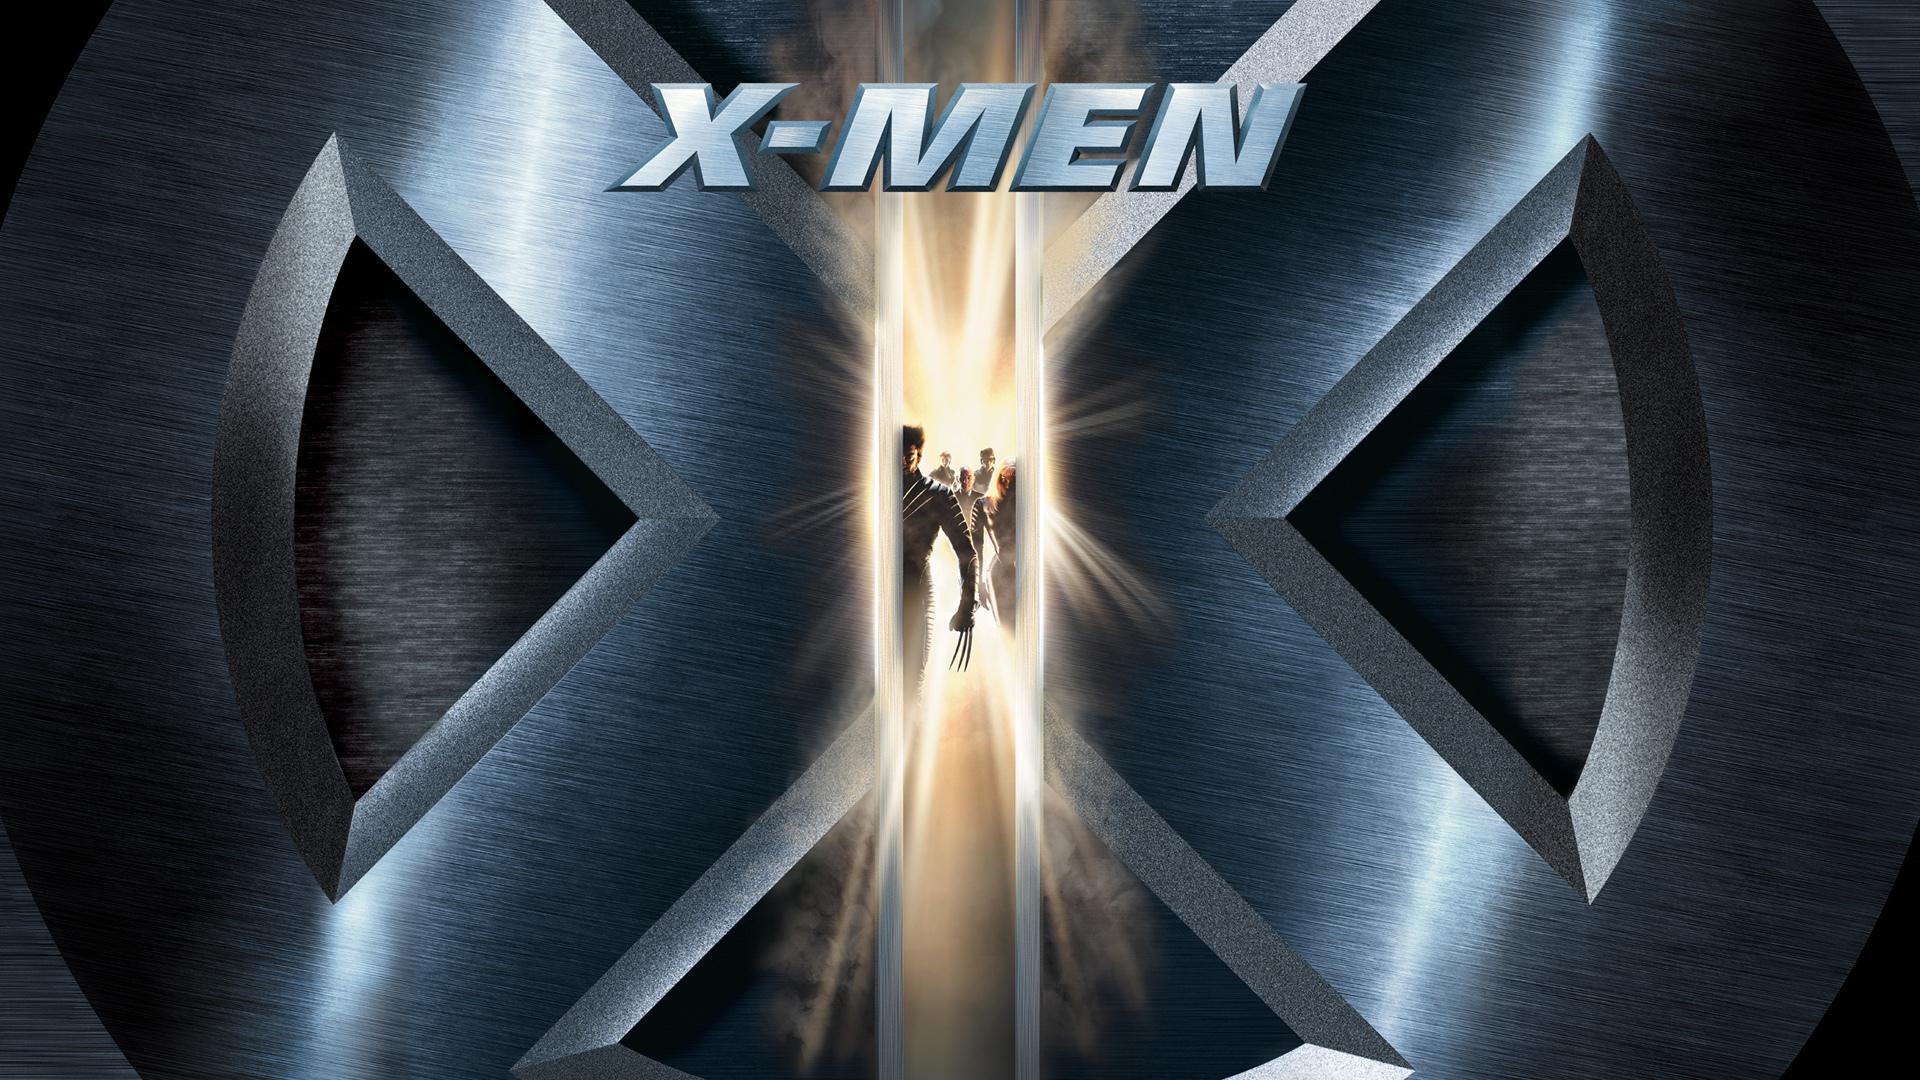 x men symbol wallpaper - photo #32